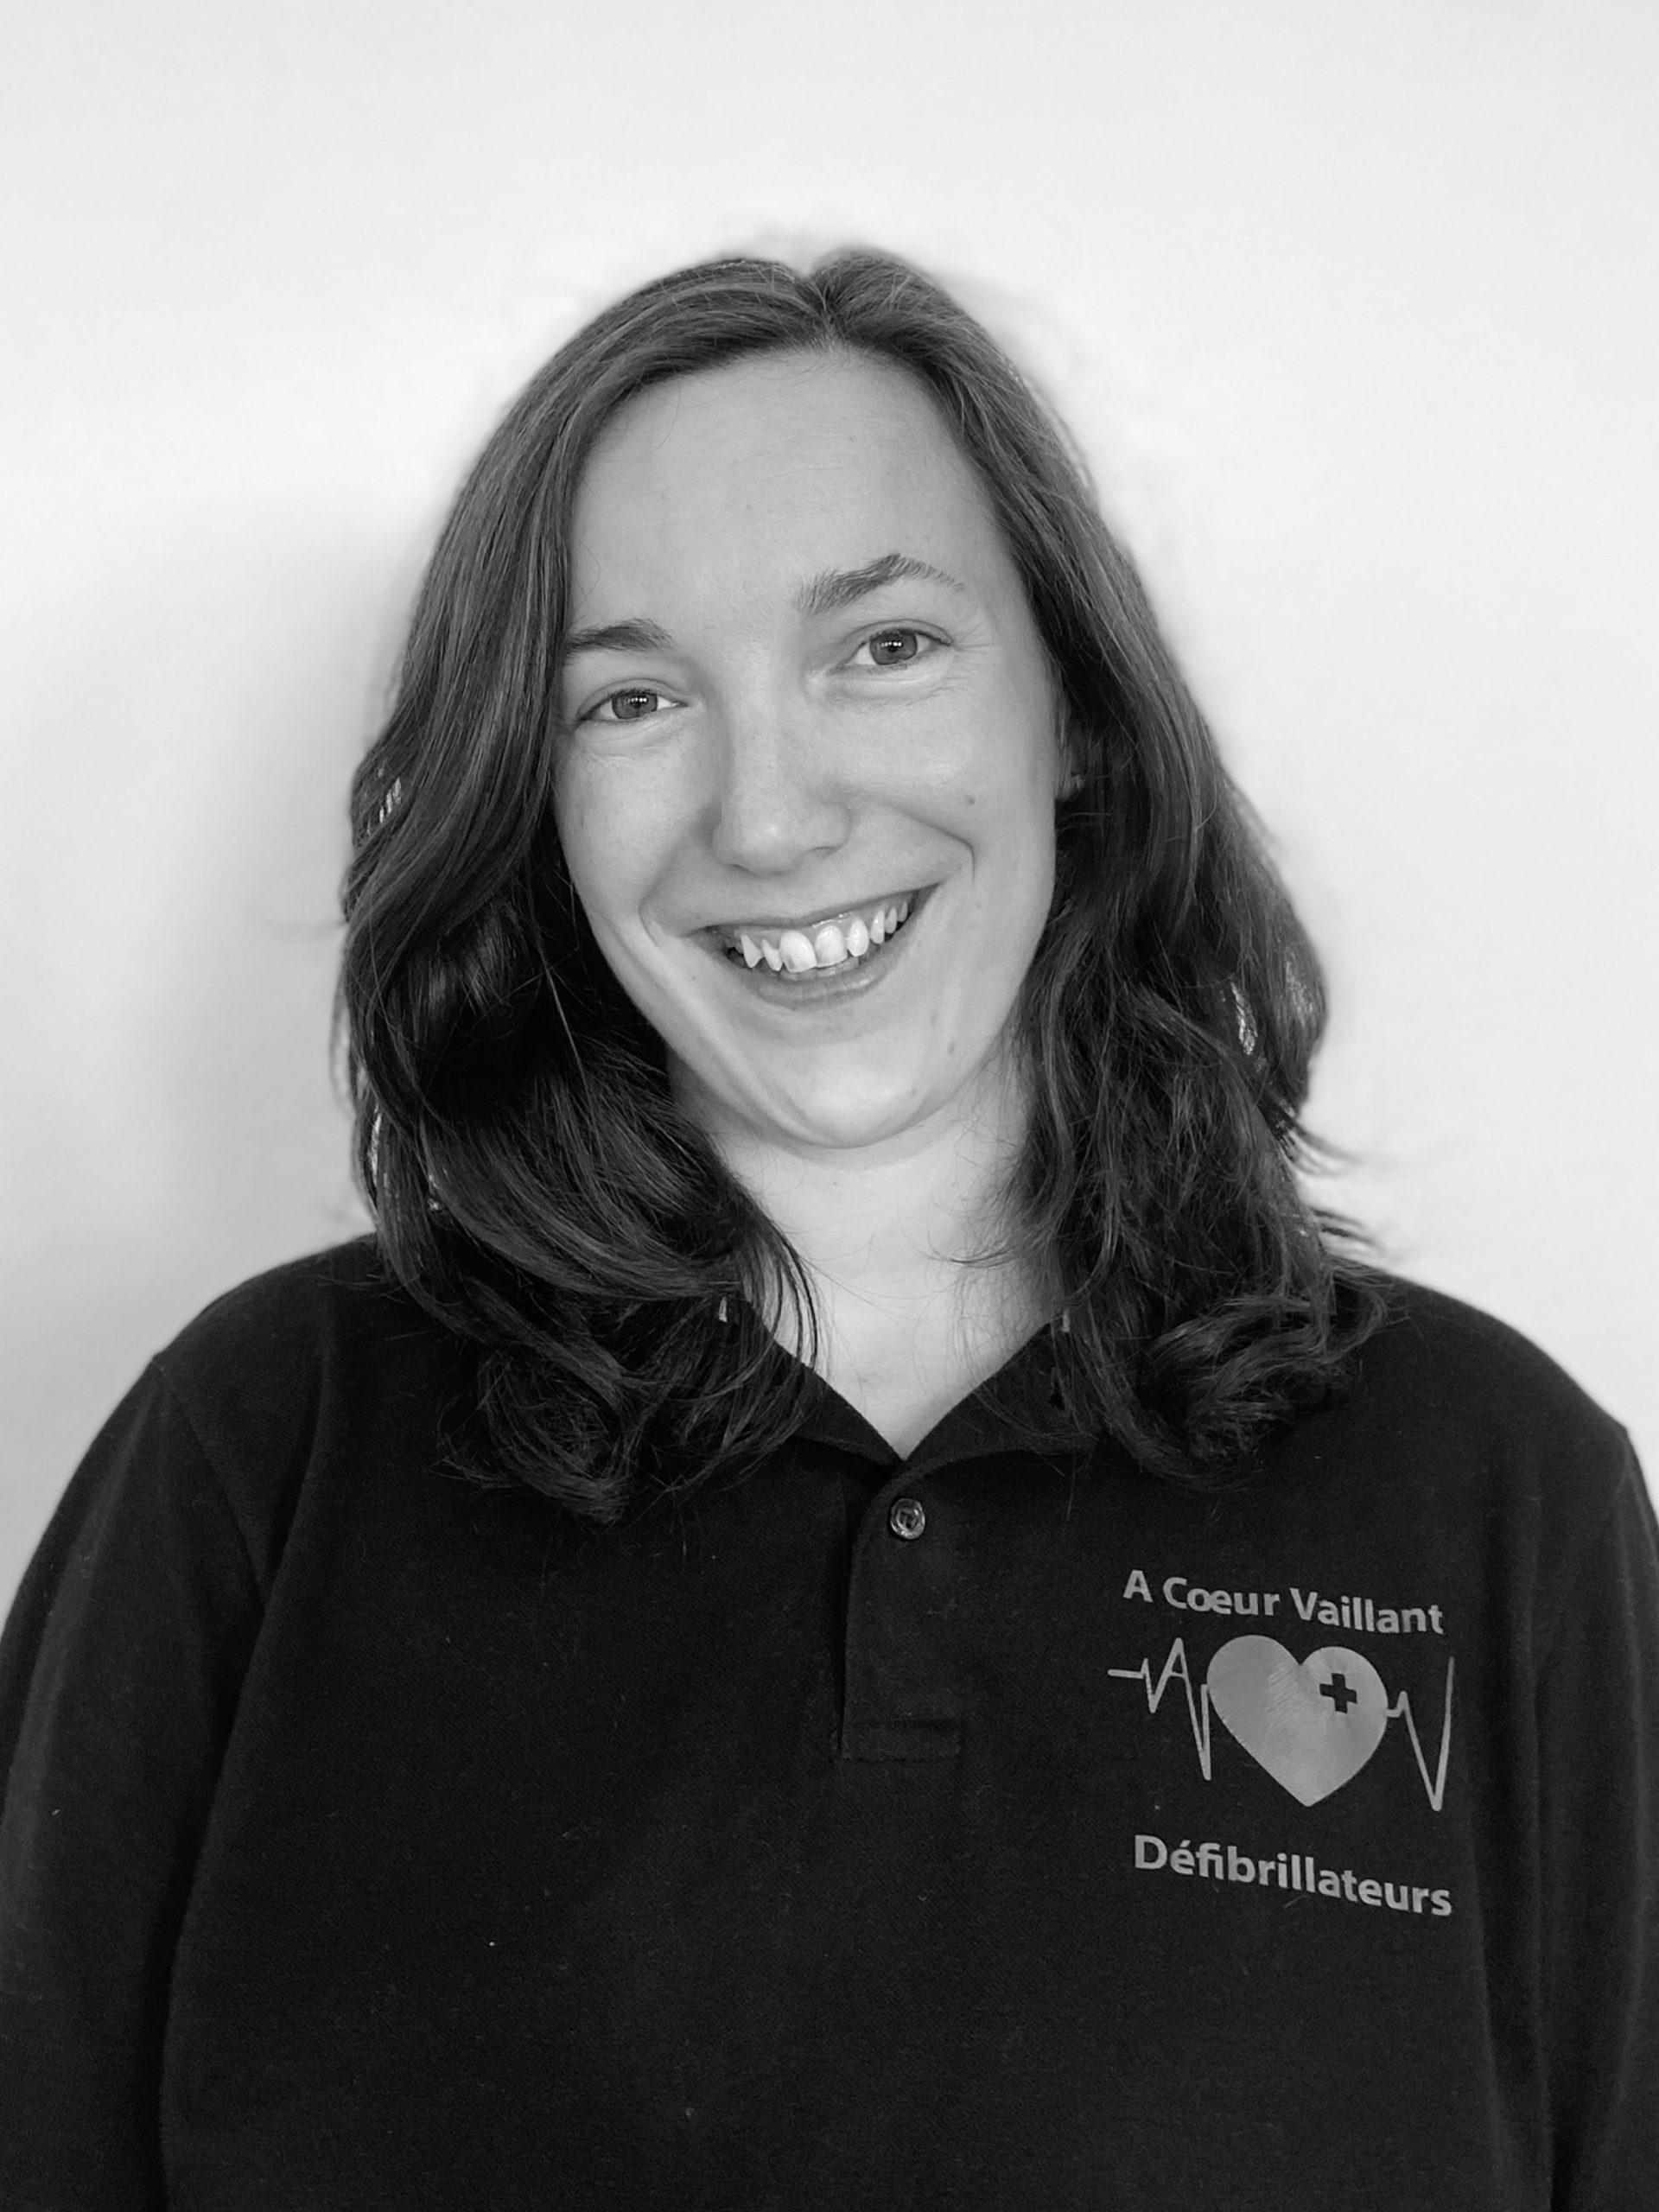 Clémence Rondeau - RH - Technicienne Conseil Formatrice Photo - A Coeur Vaillant Défibrillateurs